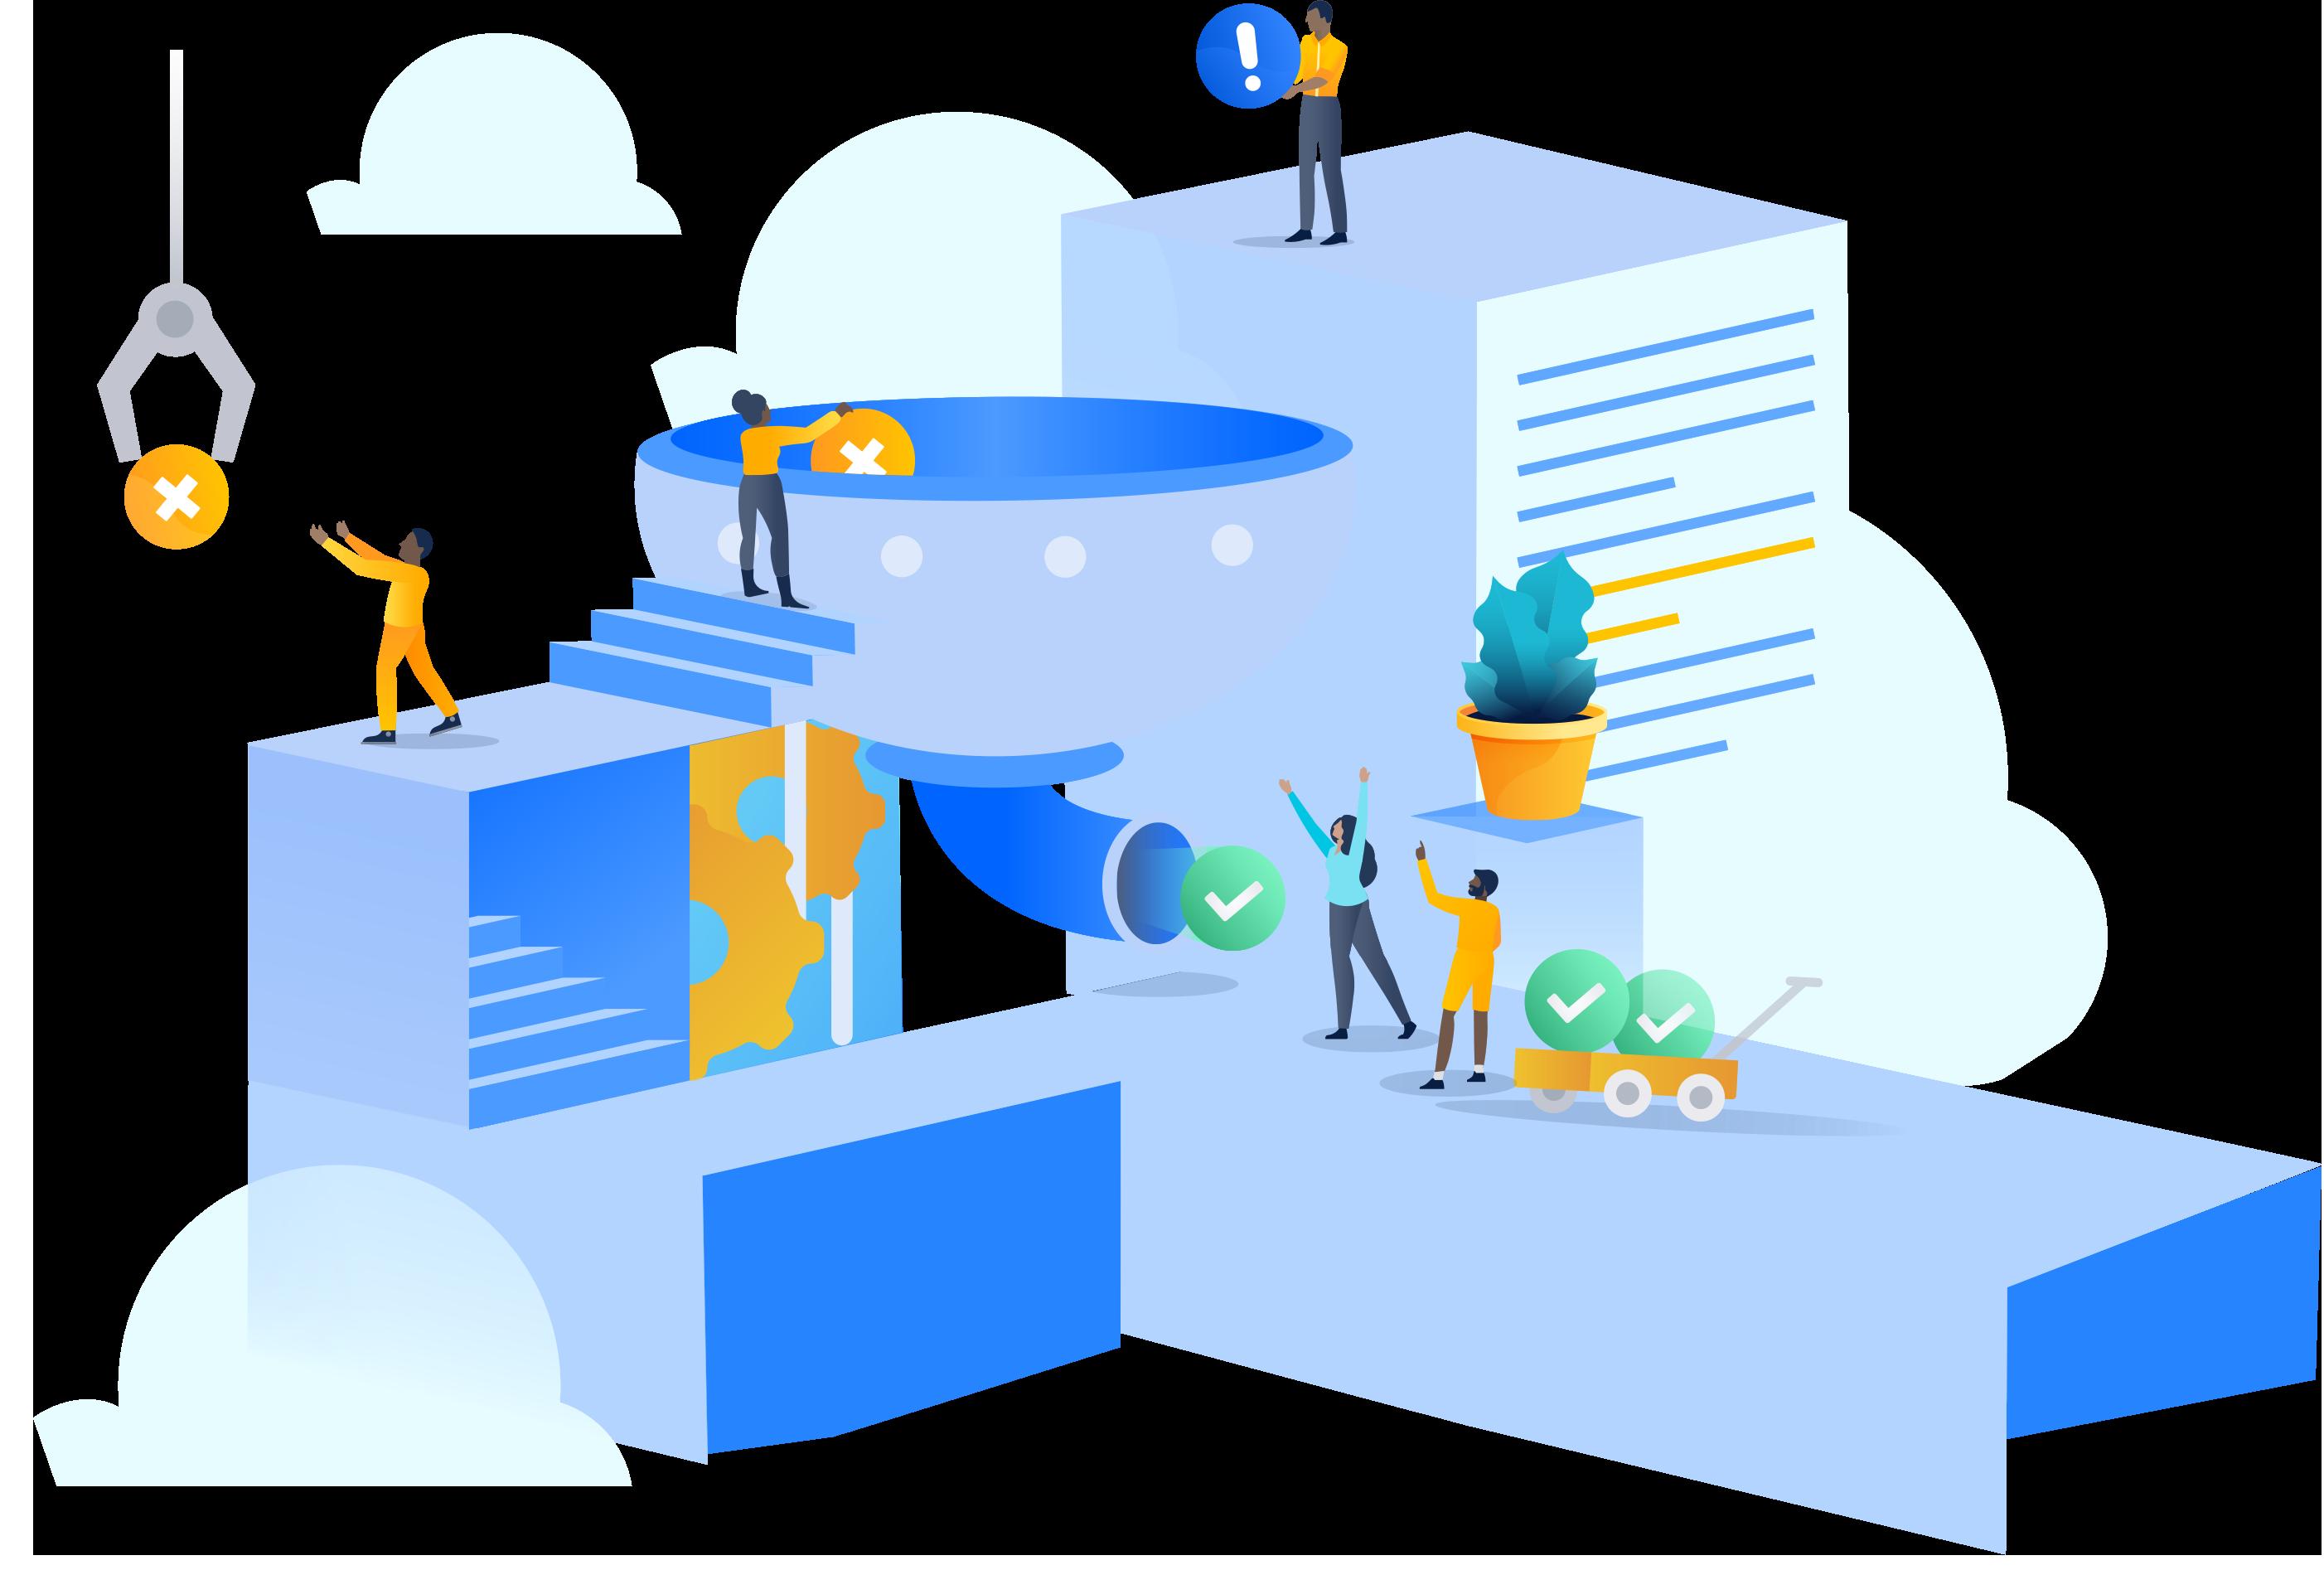 Ilustración de la ciudad de Data Center